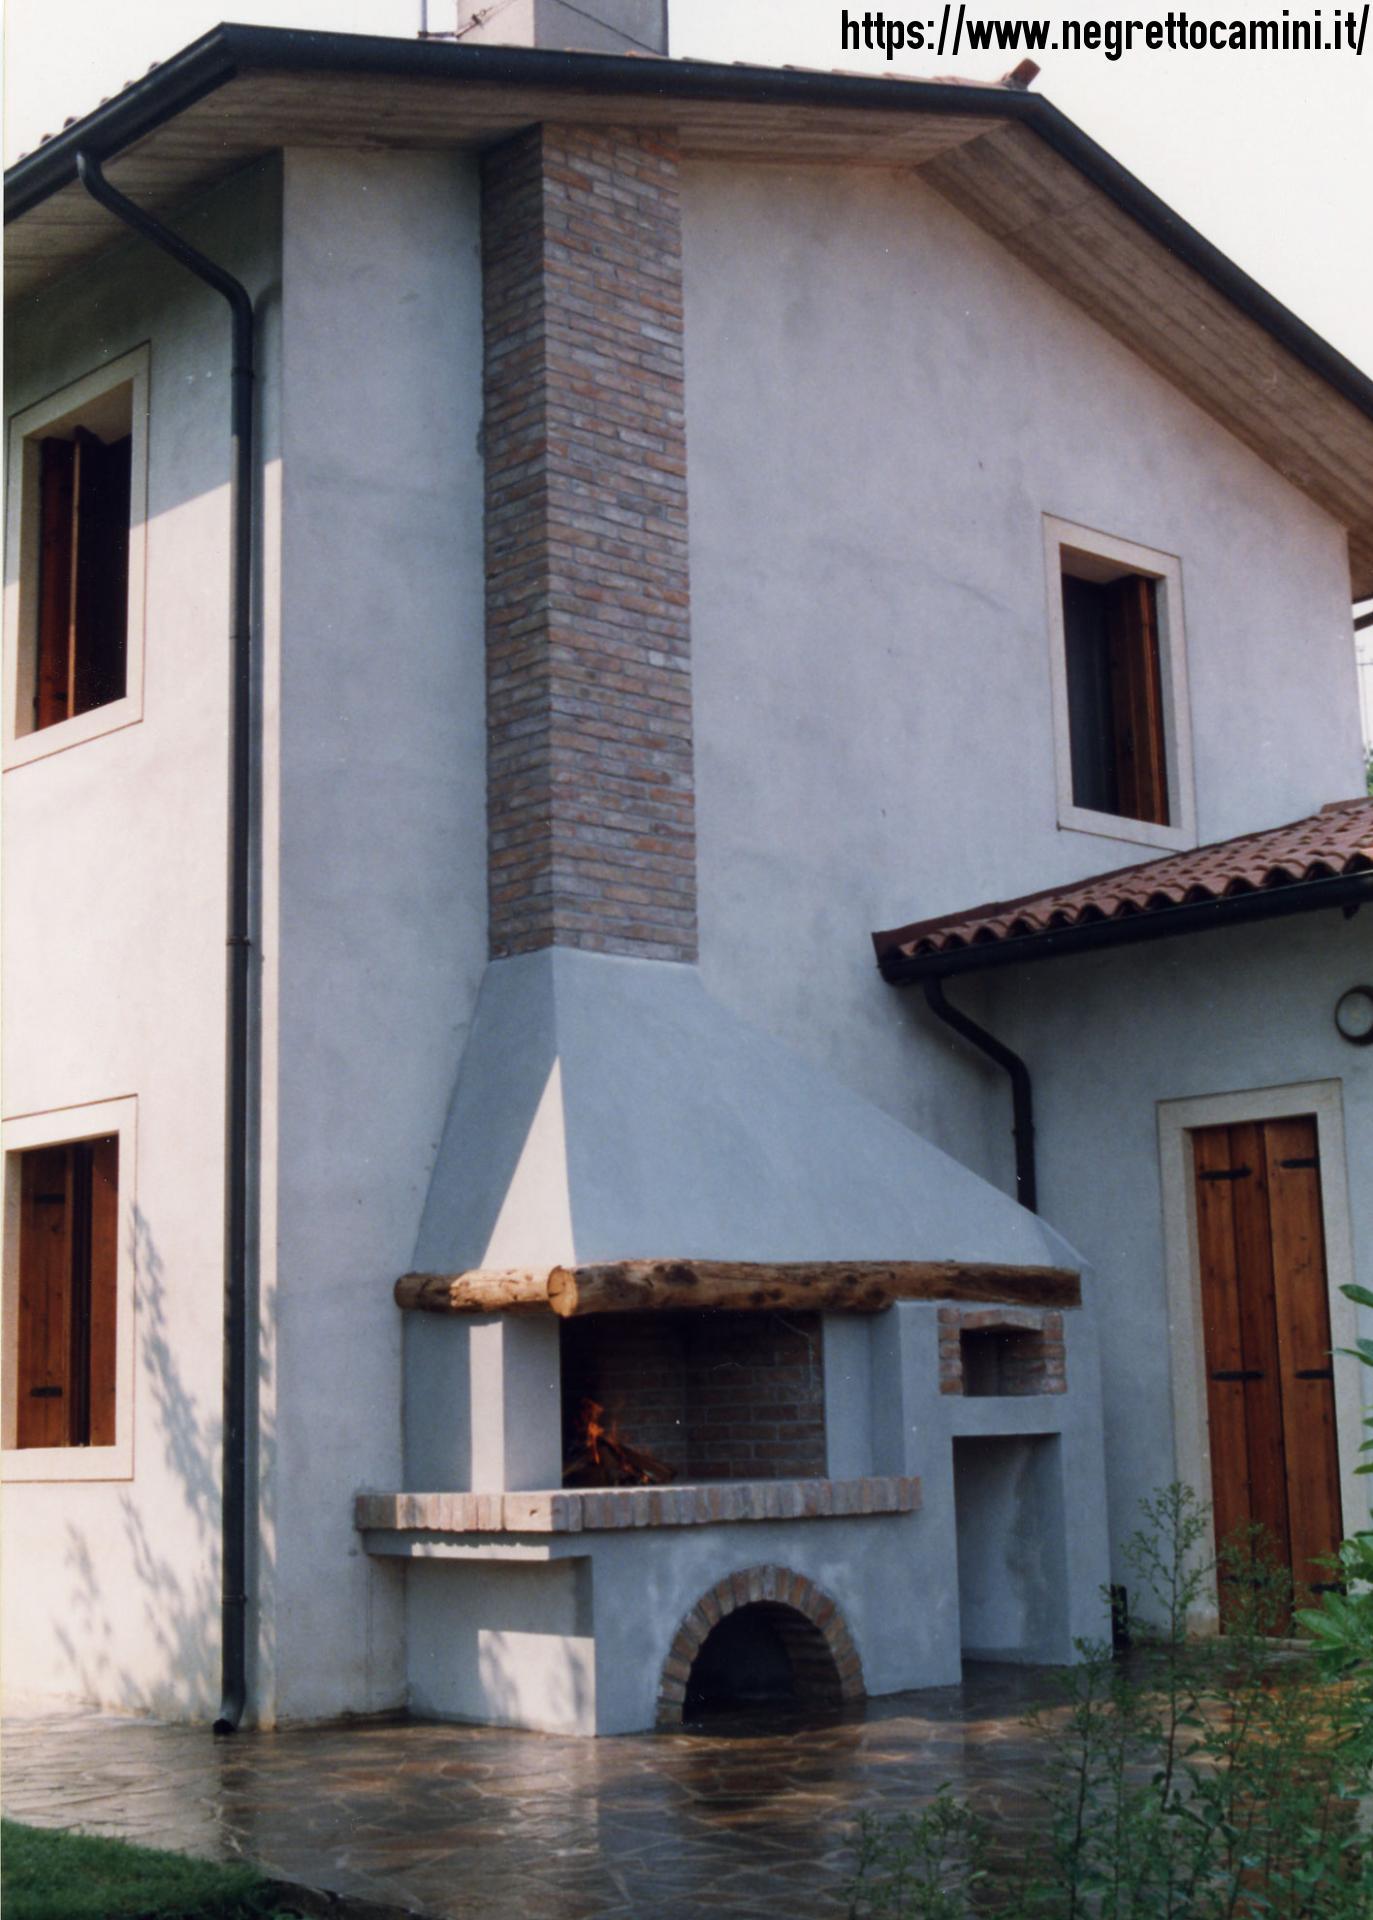 Camino con forno pizza negretto camini d 39 autore - Camini da esterno ...